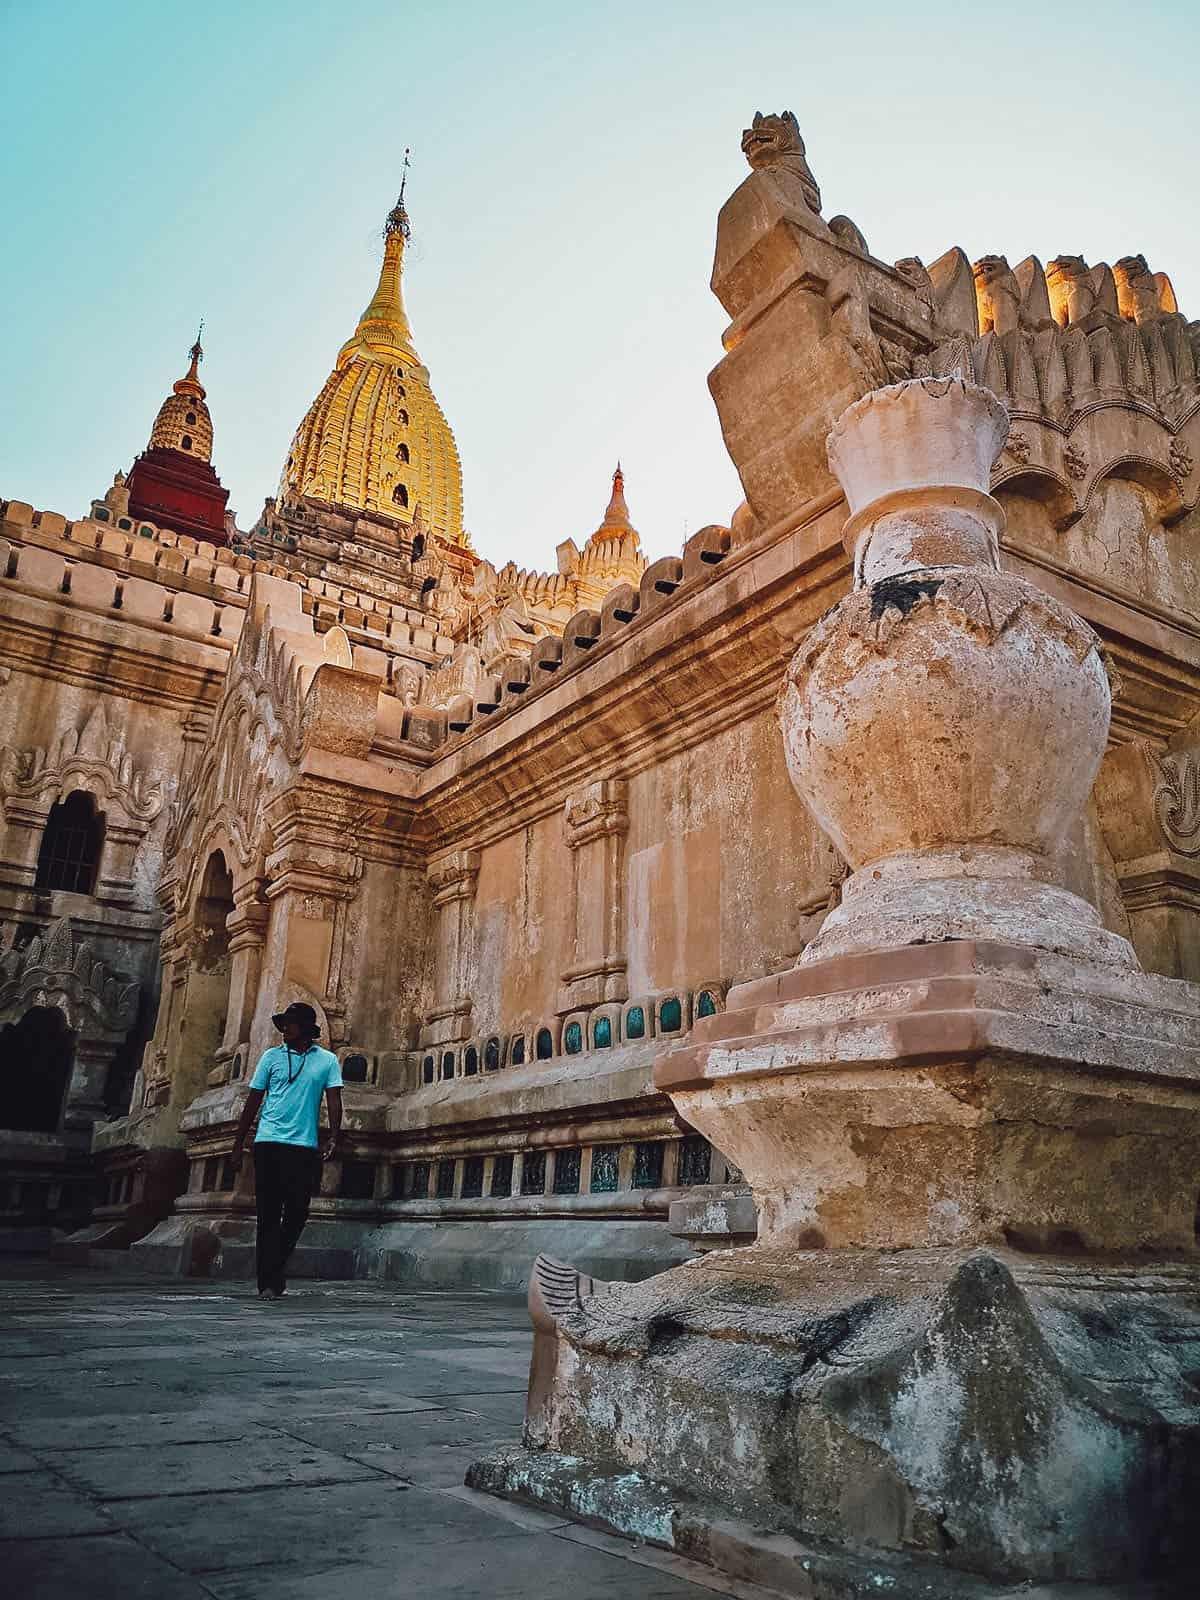 Ananda Pahto, Bagan, Myanmar